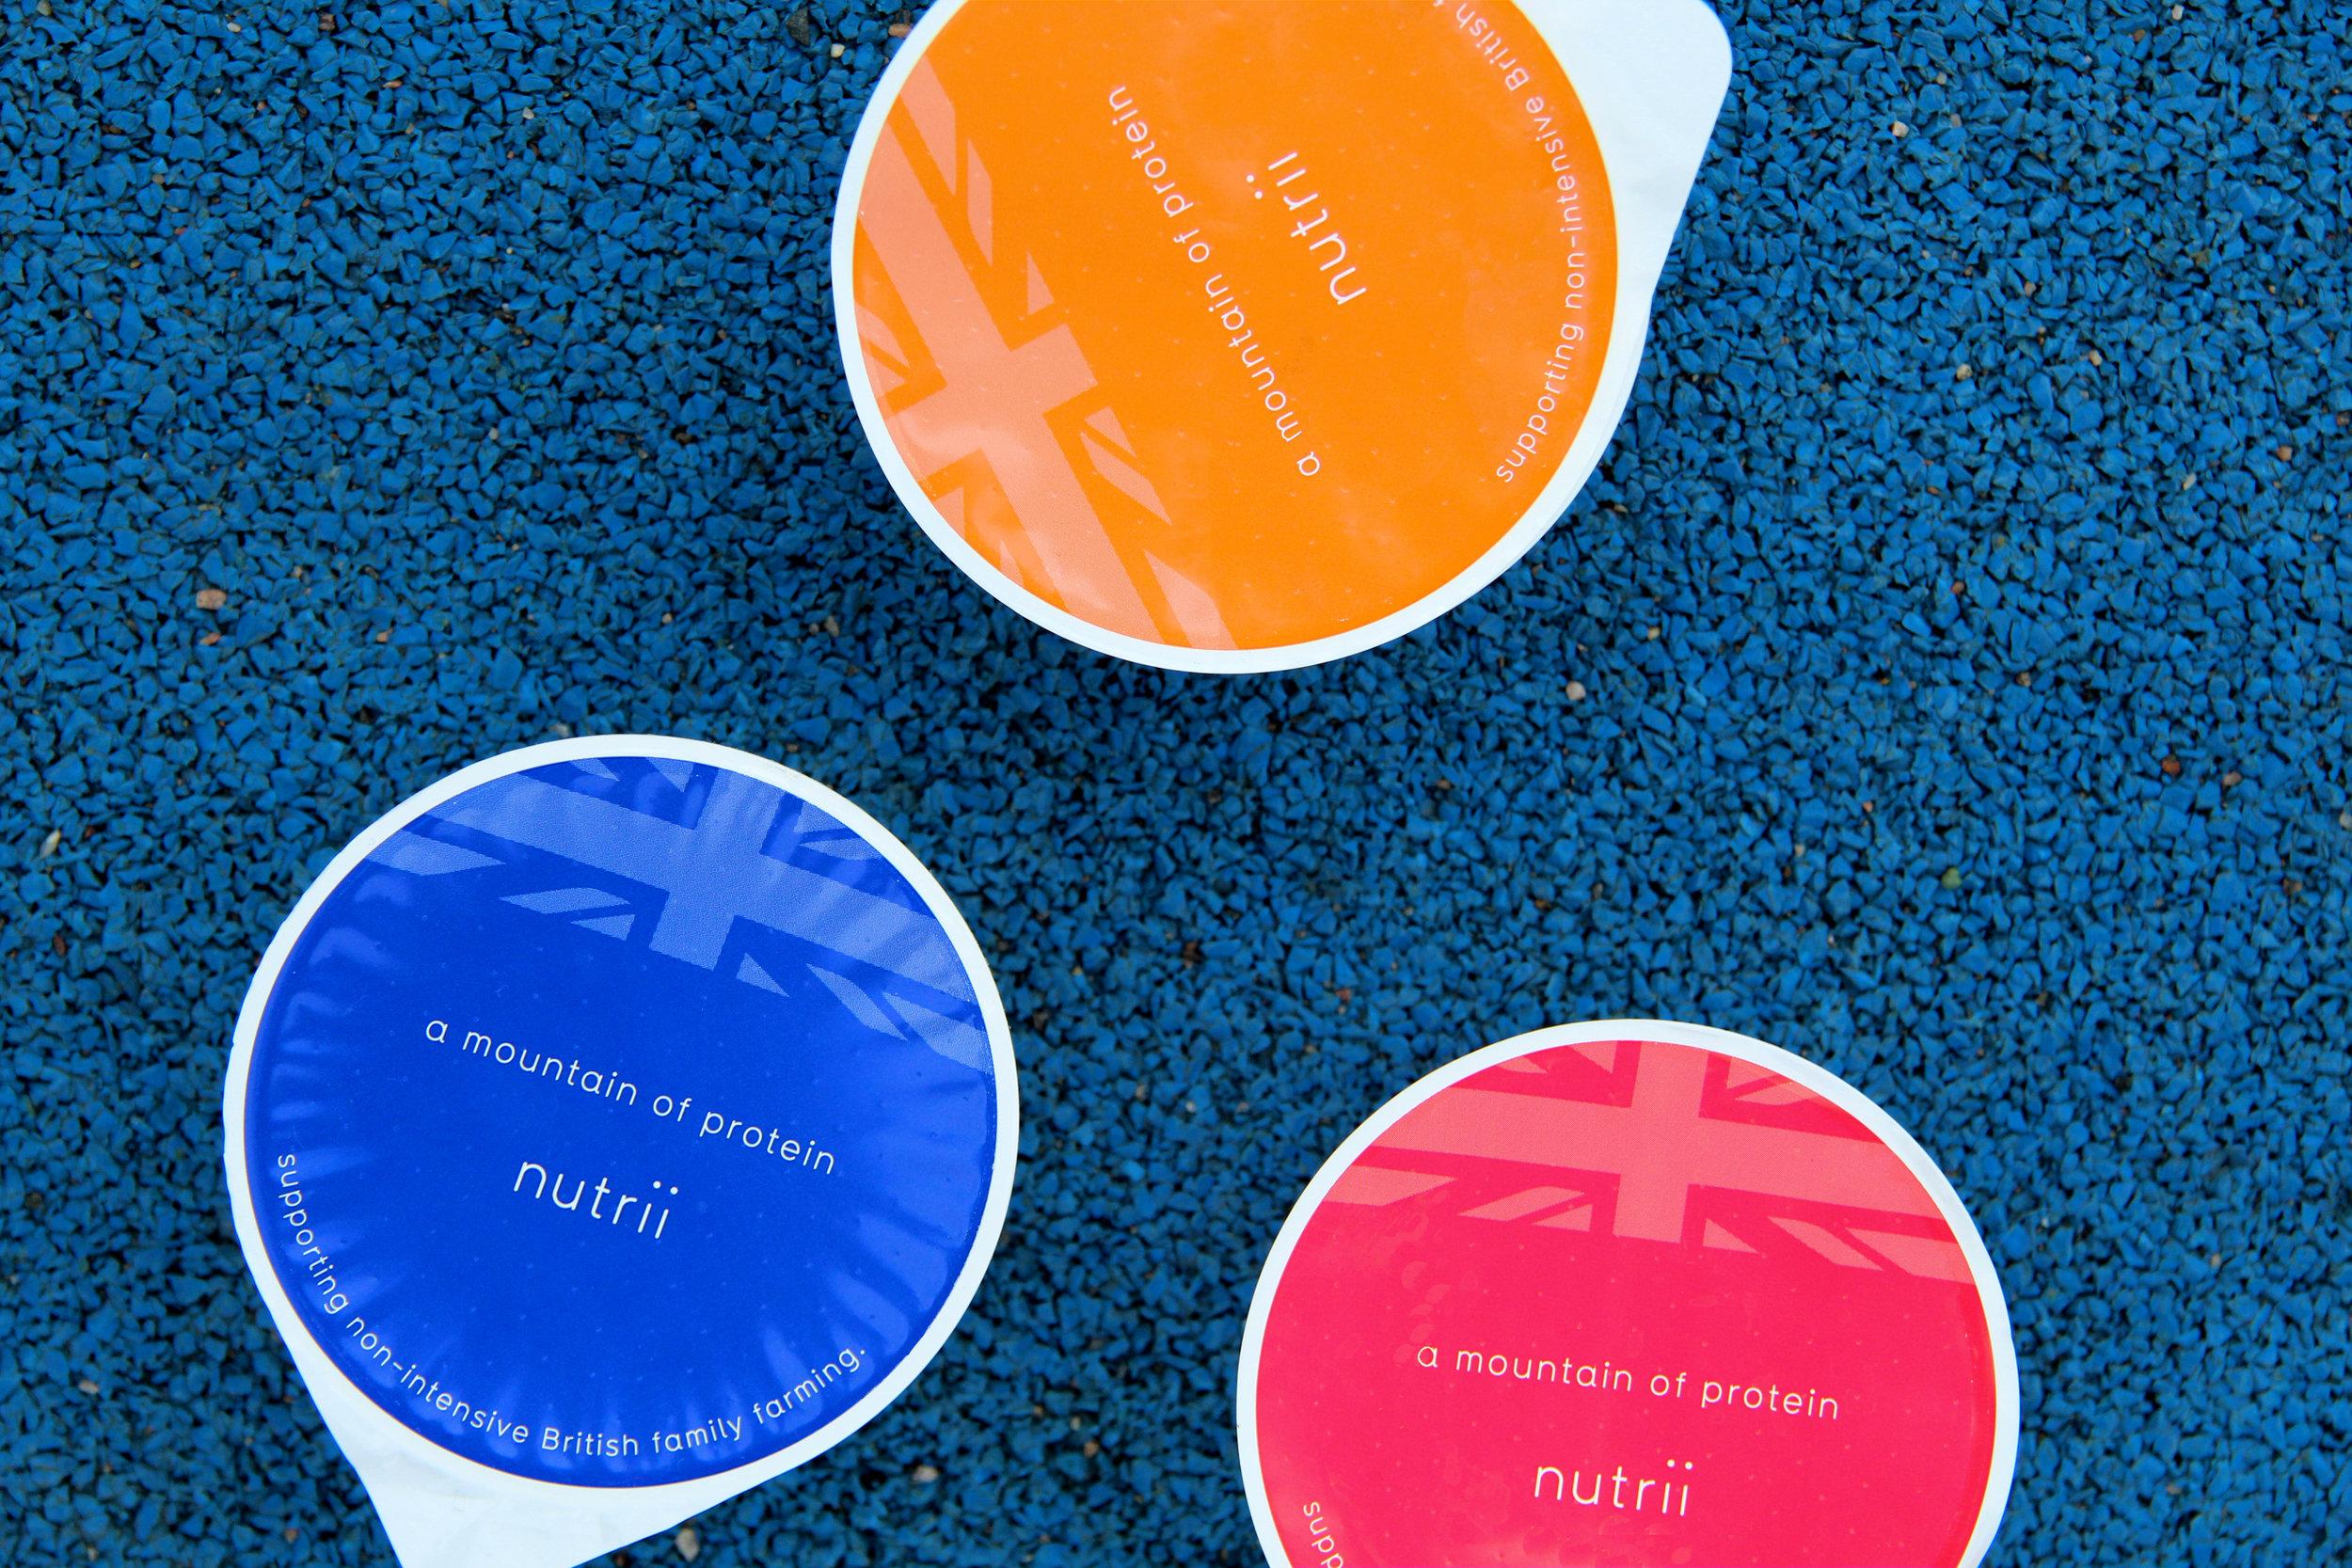 nutrii colourful pots edited.jpg